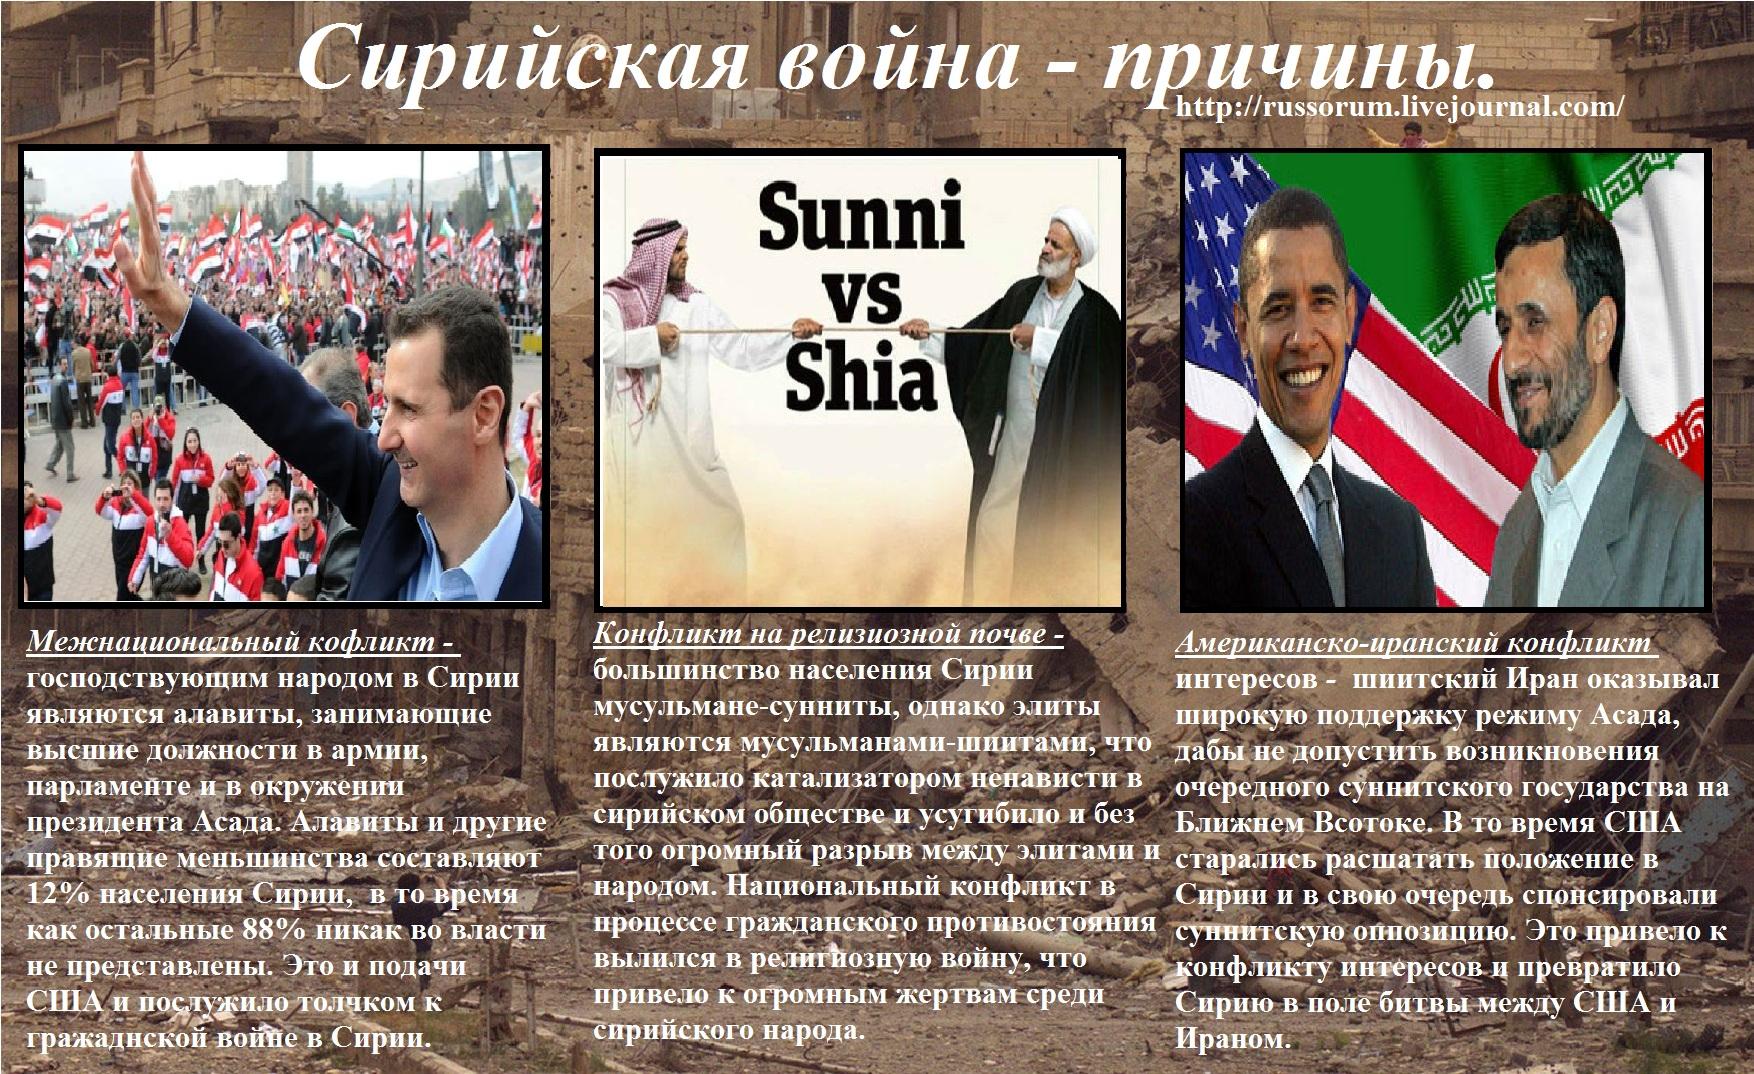 открытки картинки, конфликт в сирии суть дом посуточно